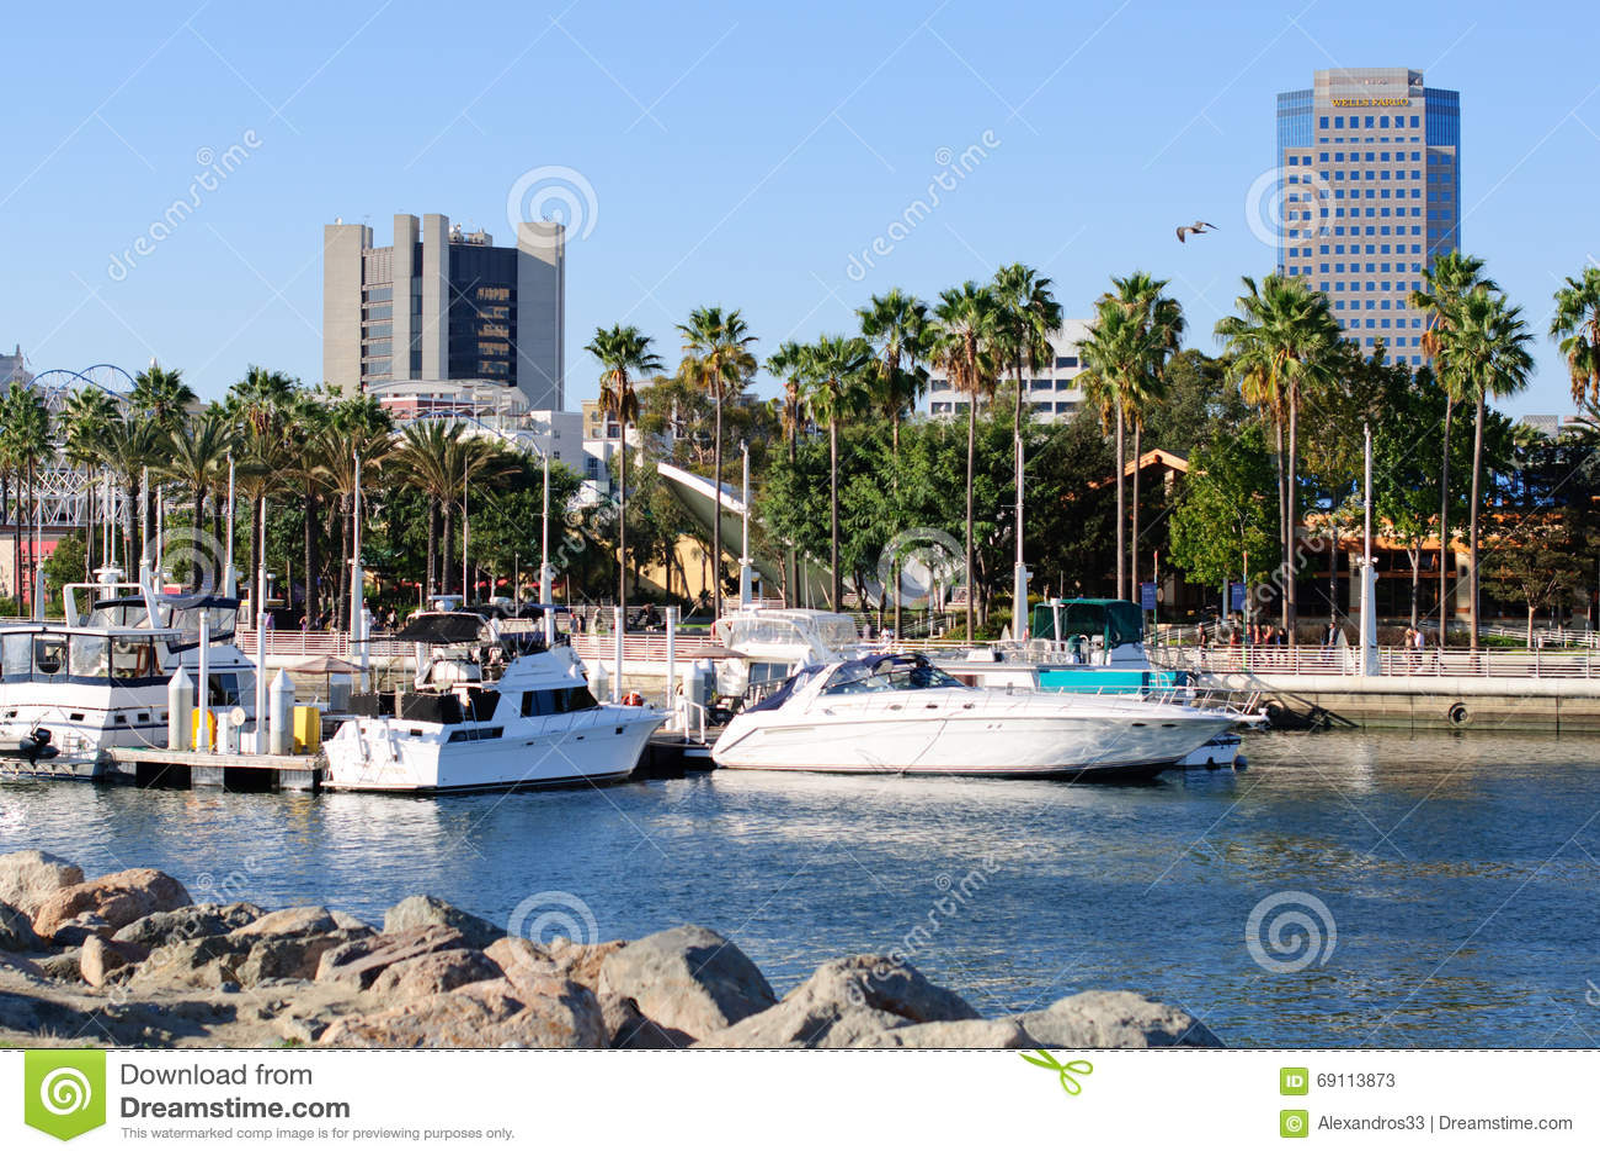 Best Buy Long Beach Marina